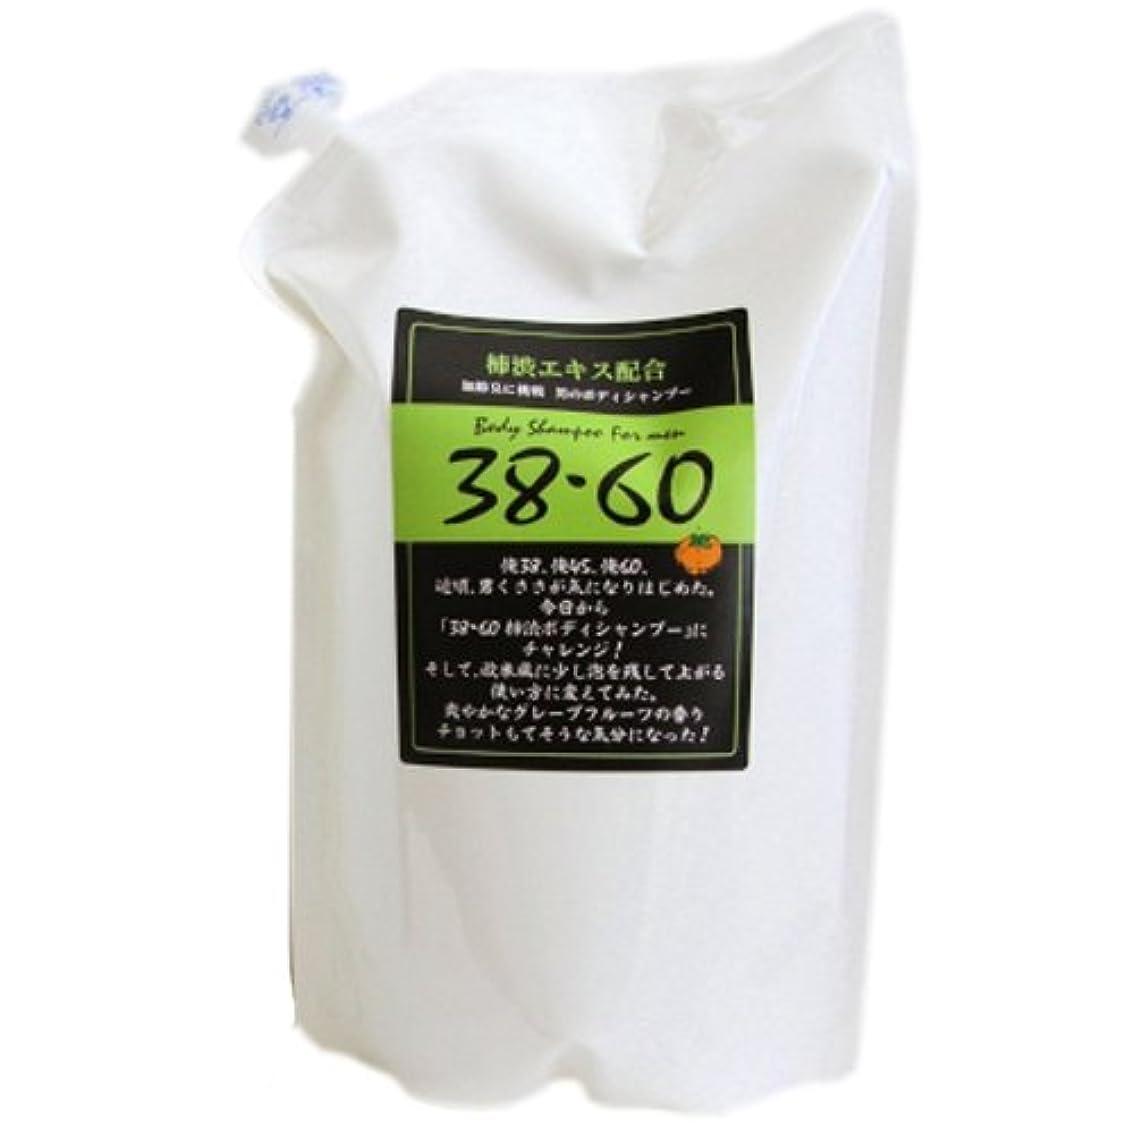 もっと少なく排気ネーピア38?60柿渋ボディシャンプー詰替1500ml×2